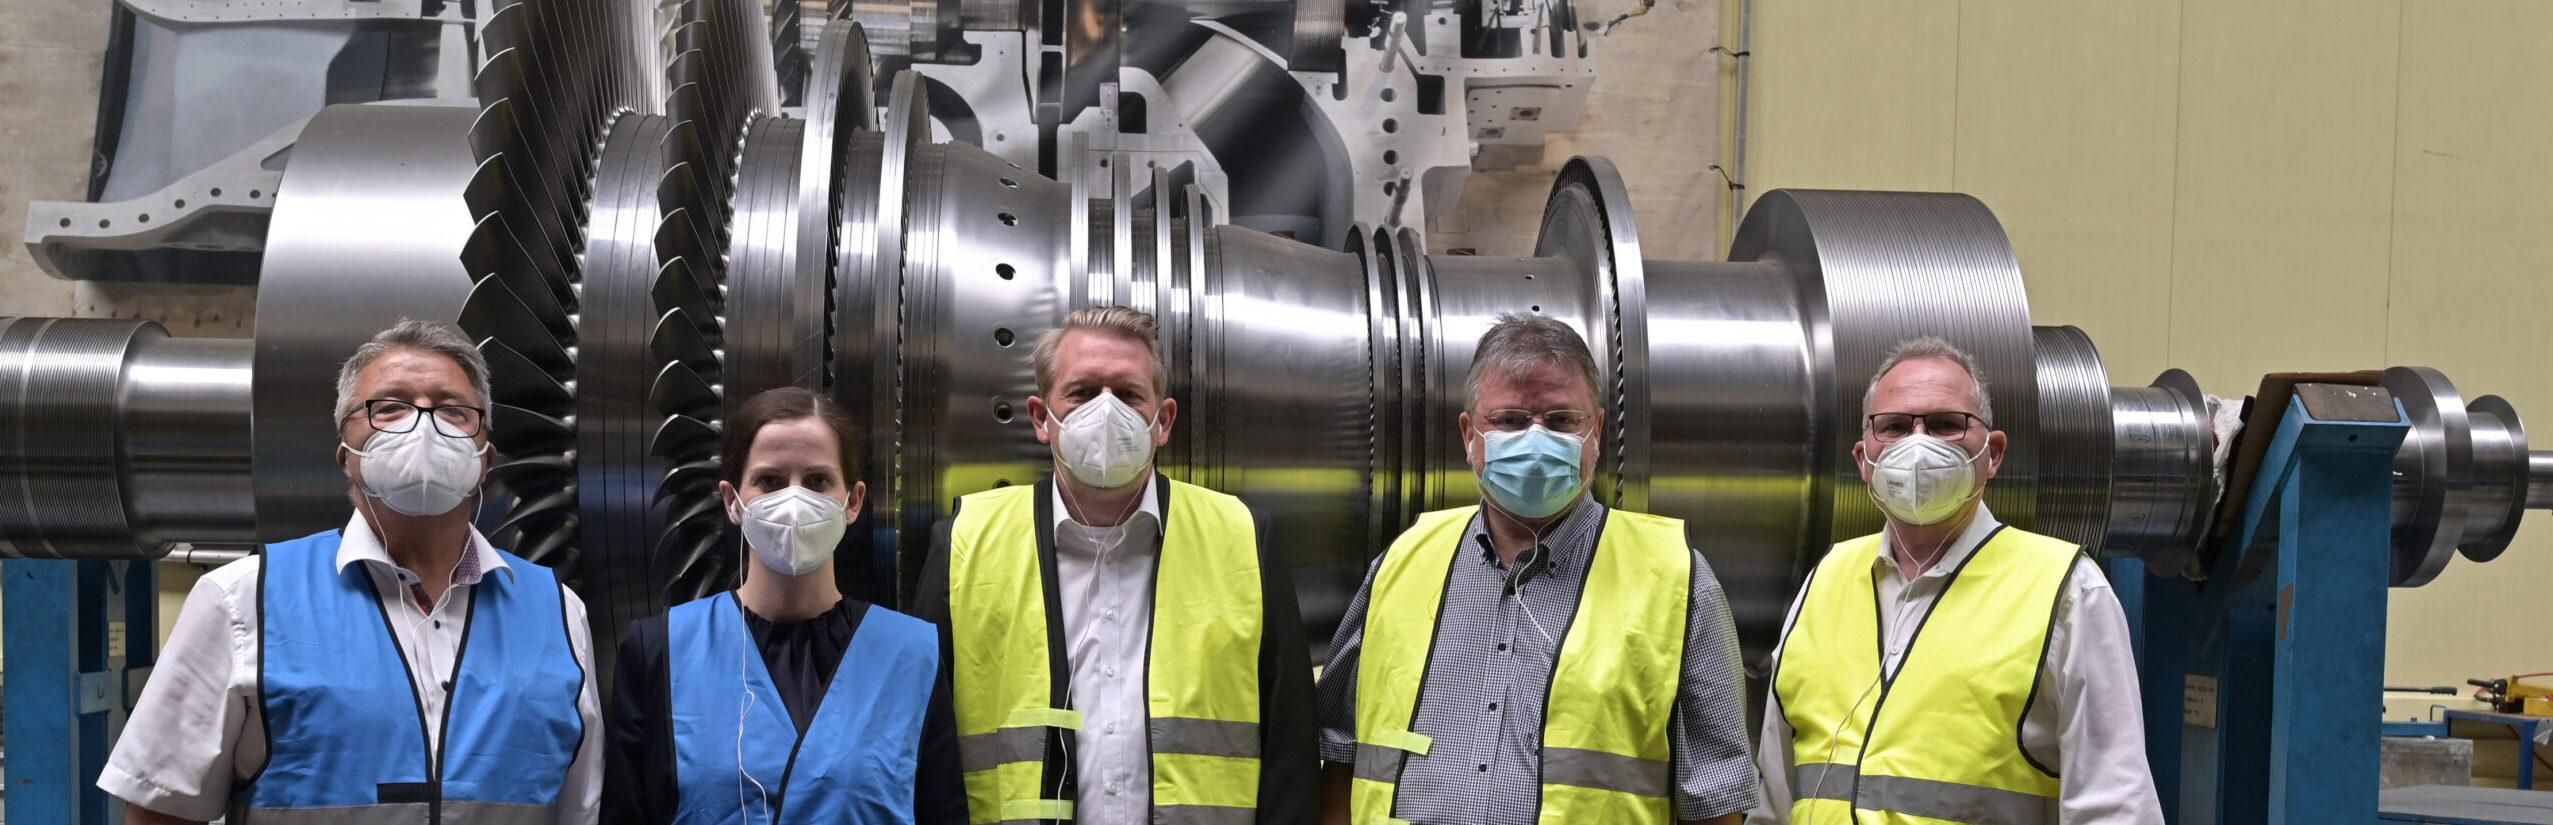 Aufbau einer Wasserstoffwirtschaft in NRW: SPD-Bundestagsabgeordnete diskutieren mit MAN Energy Solutions